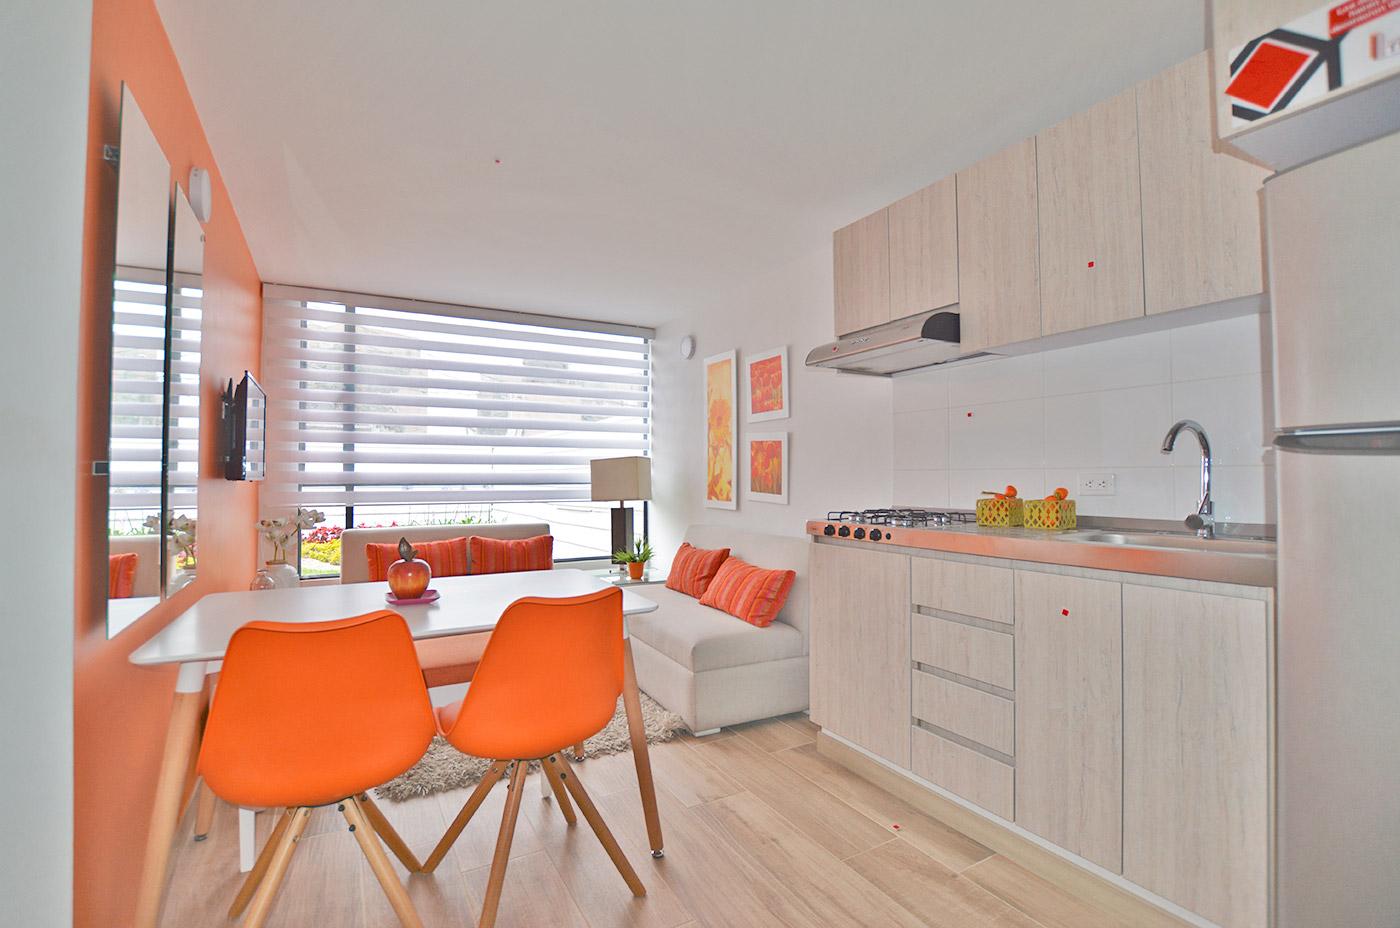 Torres-de-timiza-apartamentos-kennedy-nuevos-vivienda-de-interes-social-subsidio-vis-venta-vivienda-bogota-2-habitaciones-torortiz-casas-lotes-Cocina Timiza